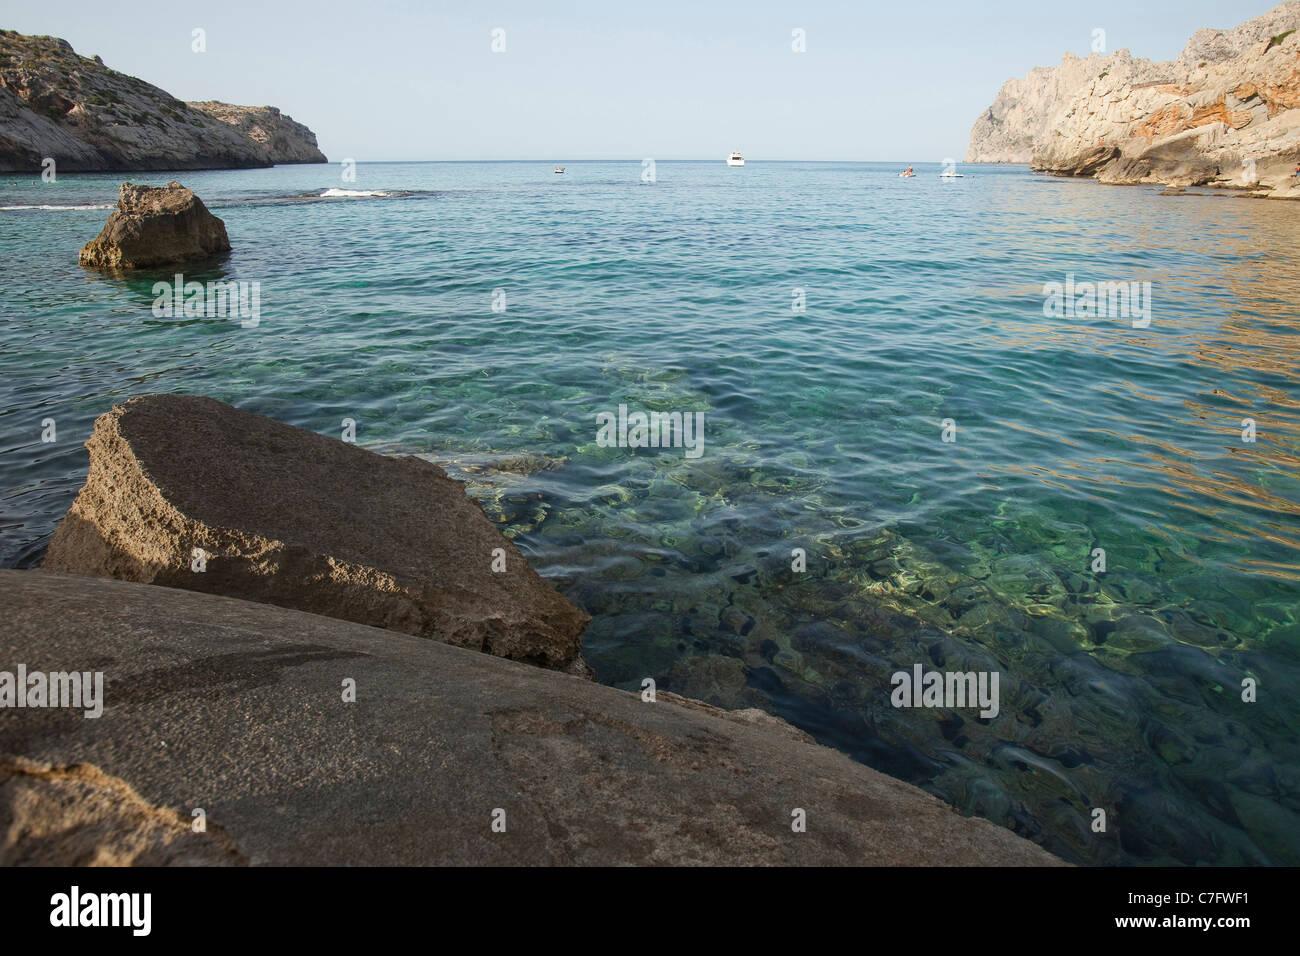 Spain - Island of Mallorca -Bay in Calla de Sant Vicenc. - Stock Image